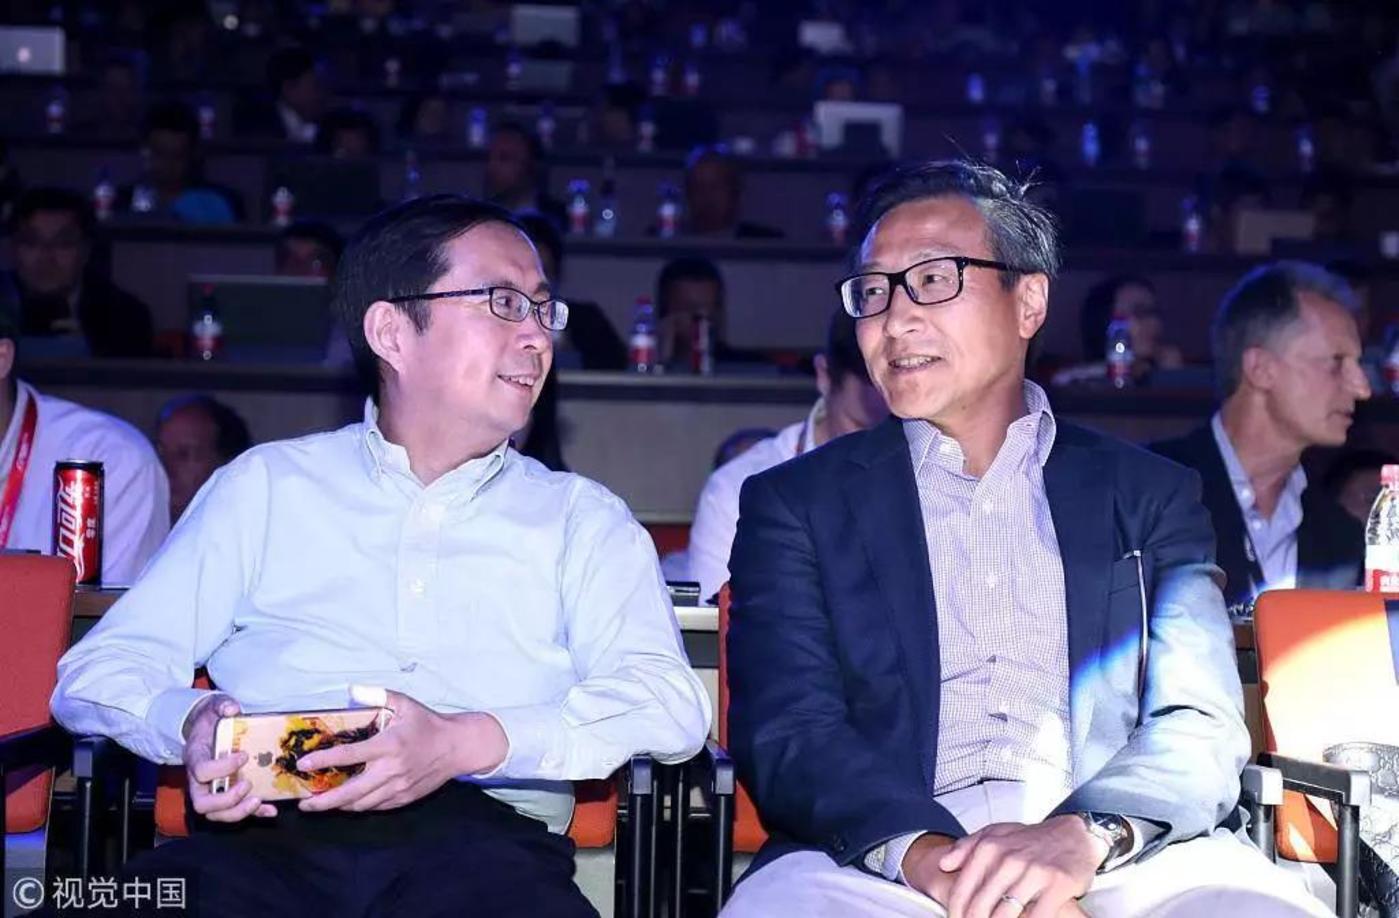 2017年阿里投资者日,左为CEO逍遥子,右为阿里执行副主席蔡崇信